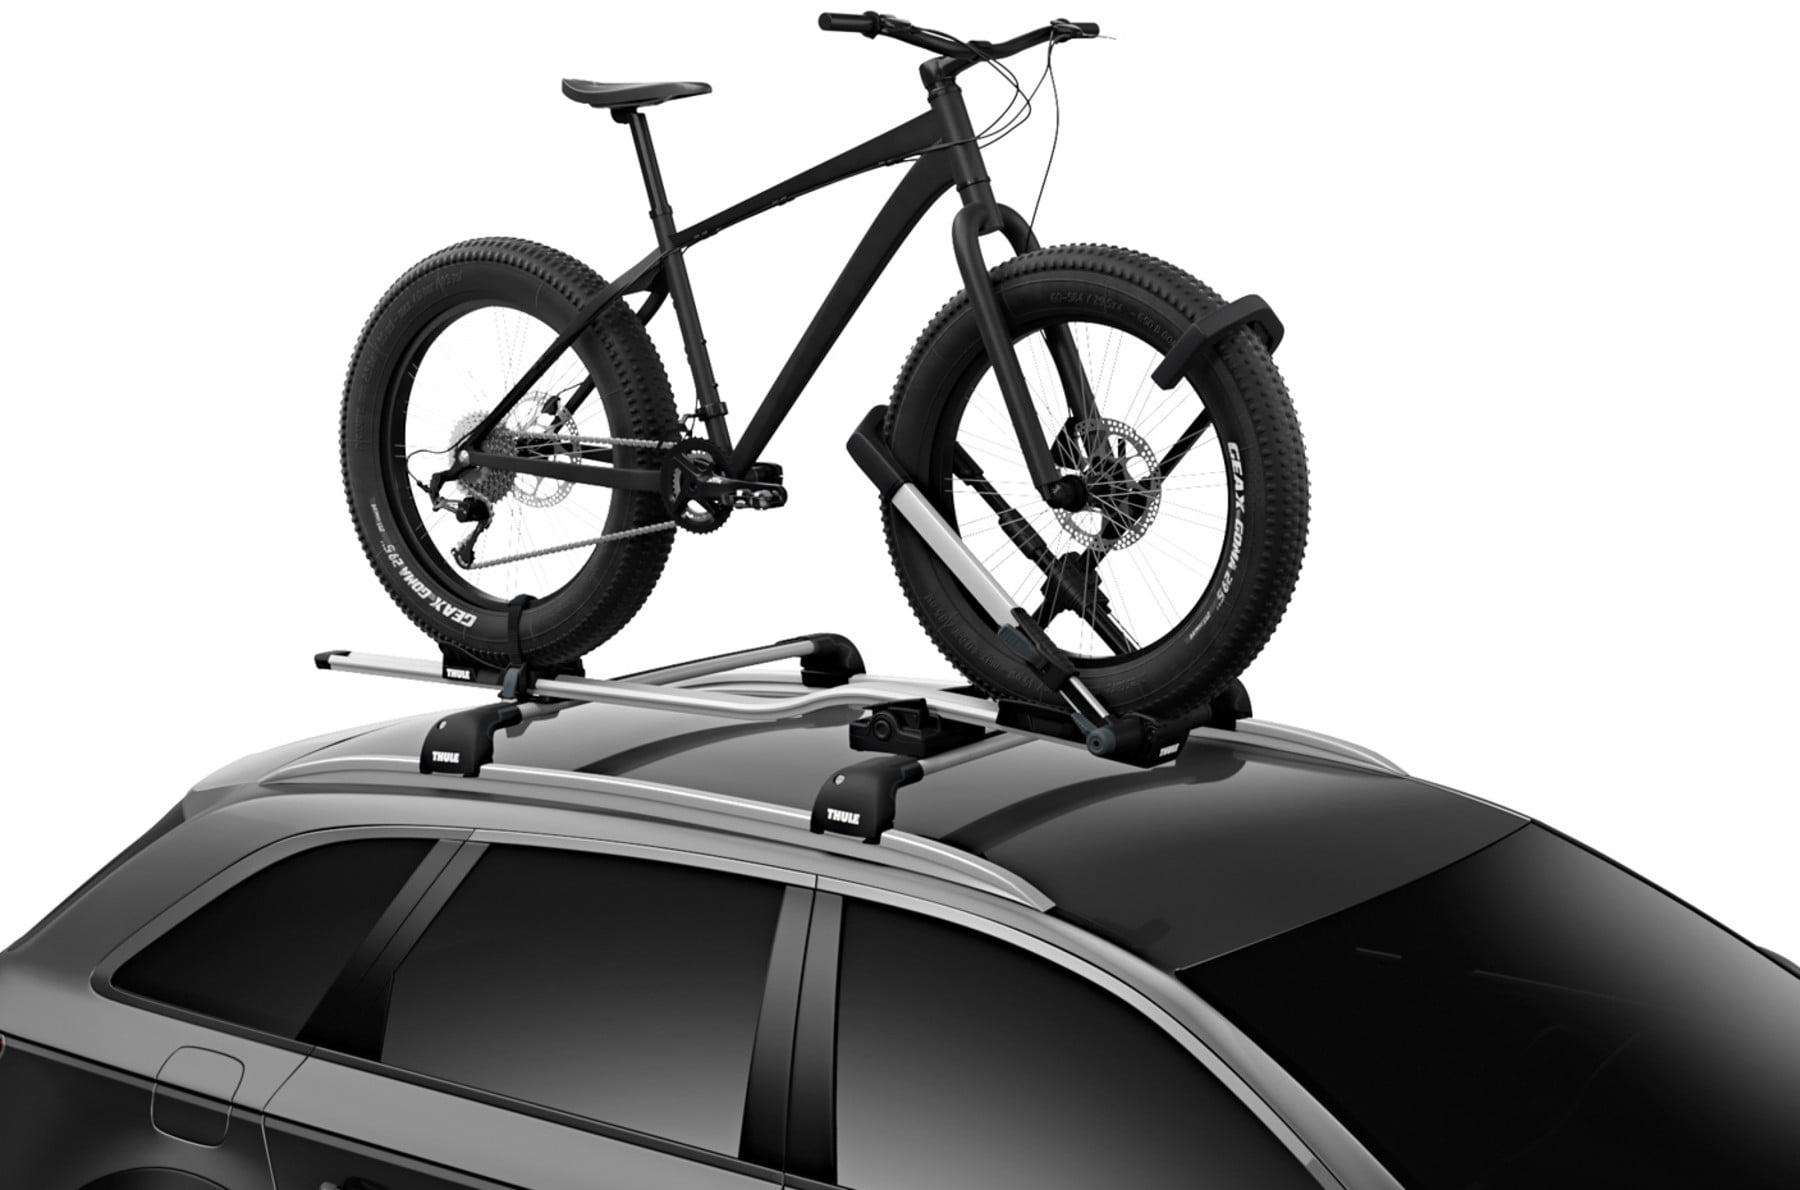 Suport biciclete Thule UpRide 599 cu prindere pe bare transversale 6